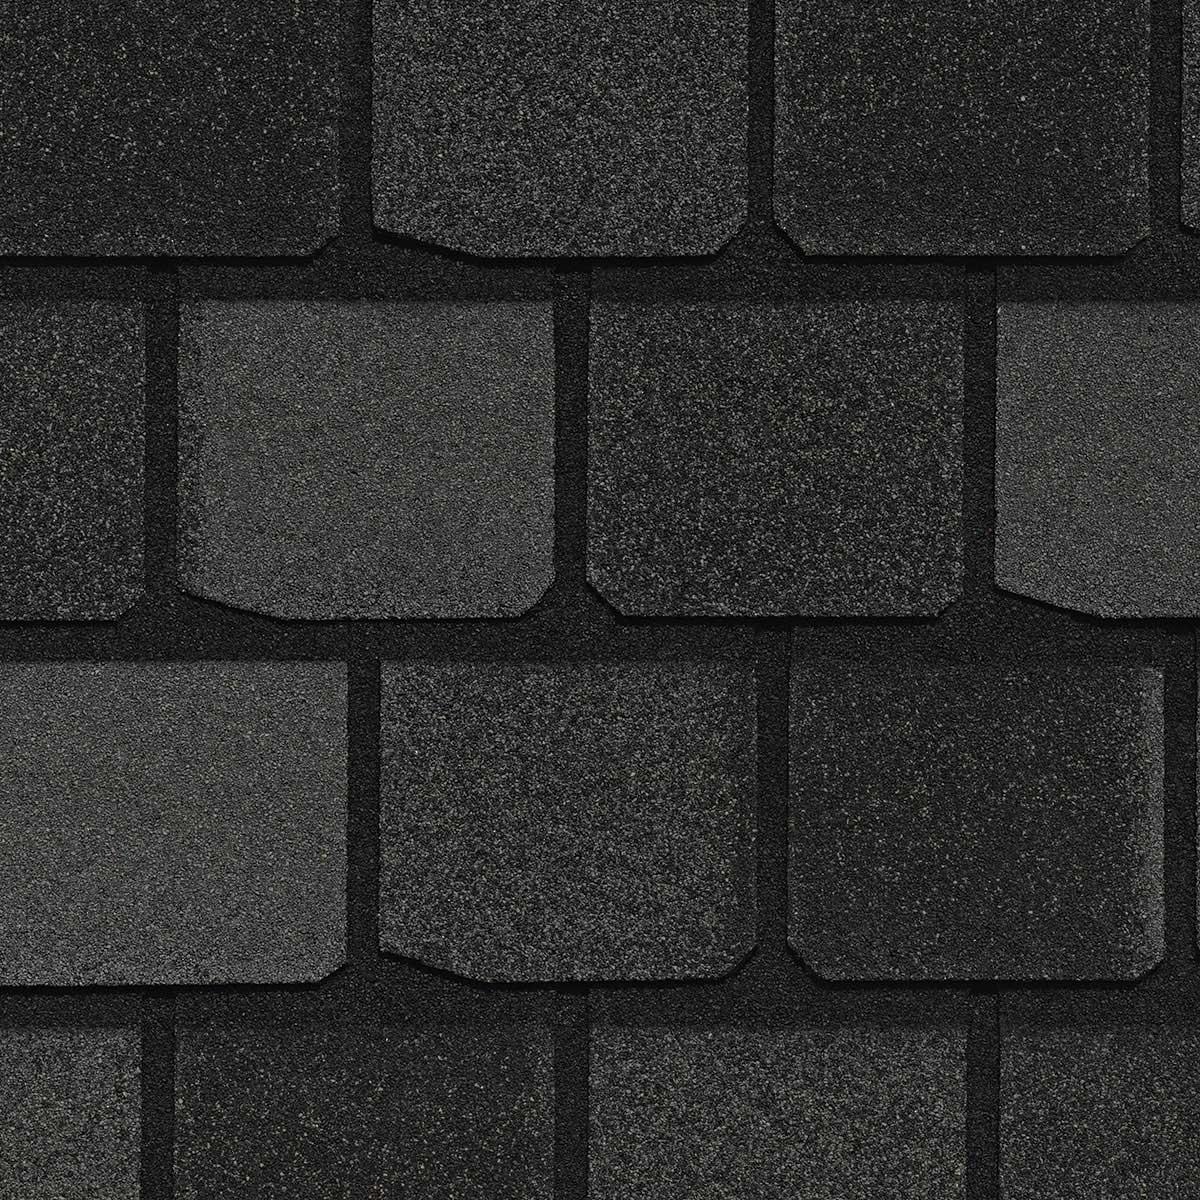 CT Highland Slate Black Granite </br>(CTHSBLGR)<br>3 Bdl/Sq